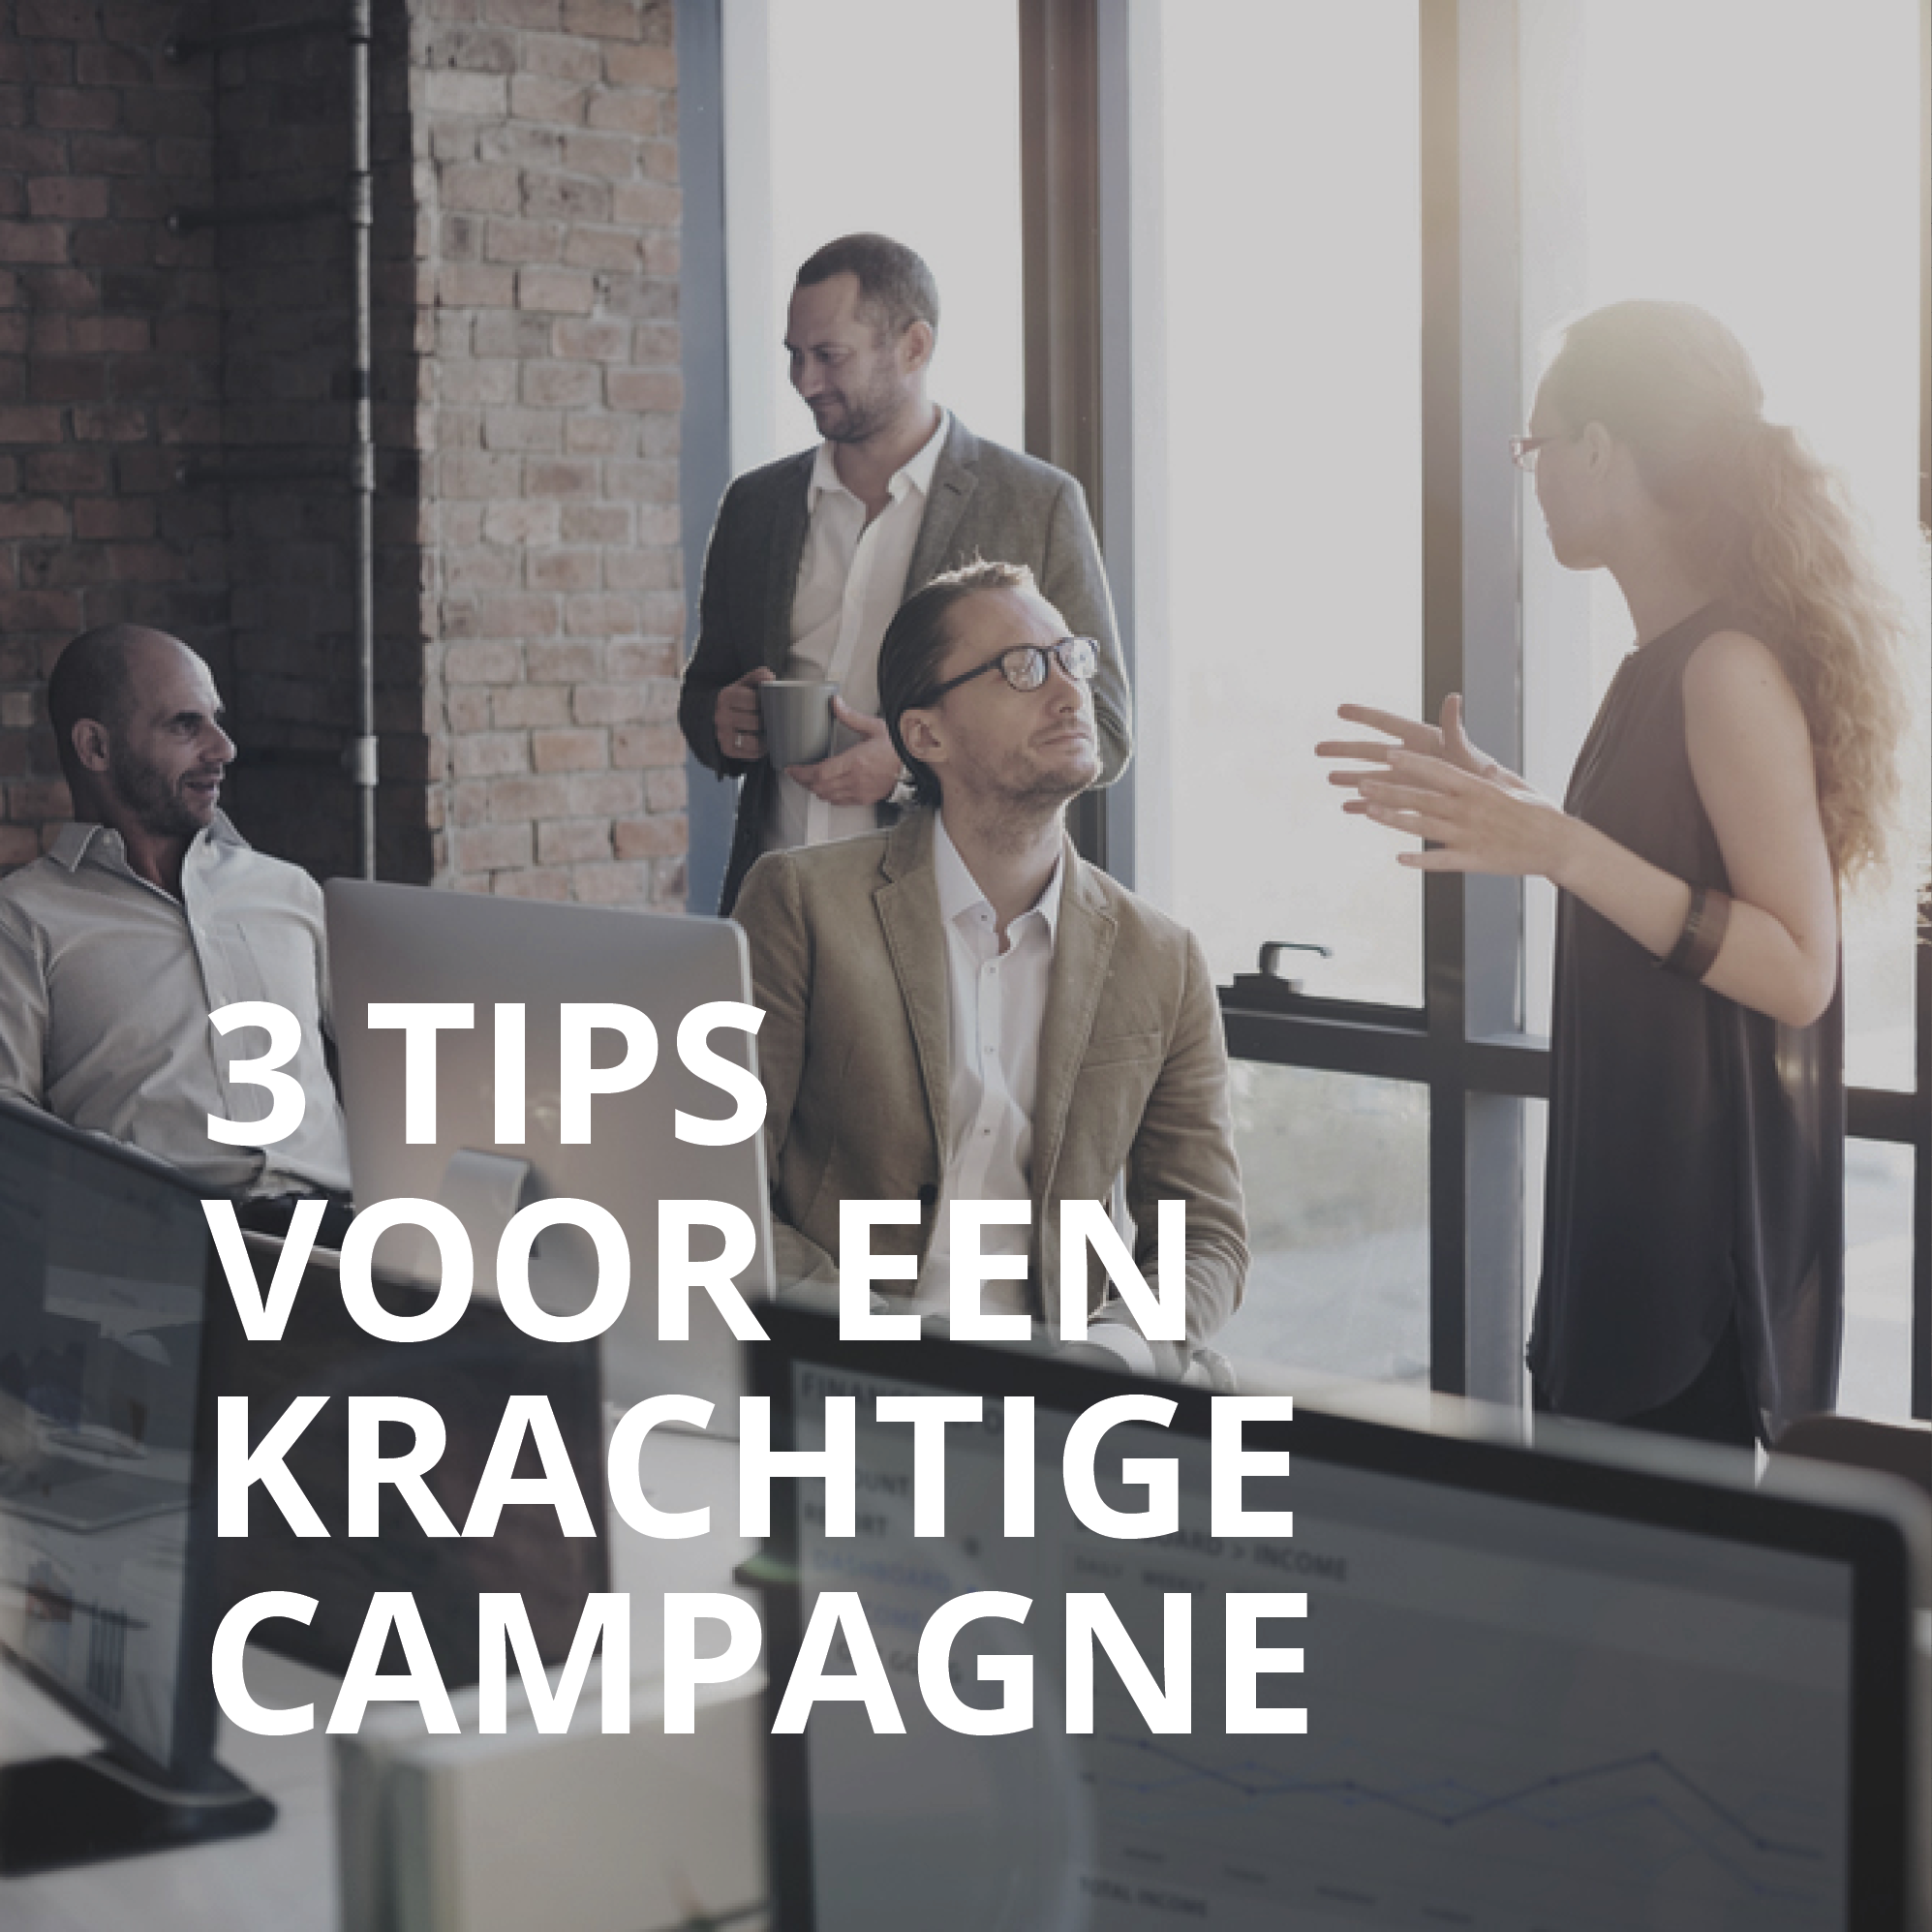 3 tips voor een krachtige campagne